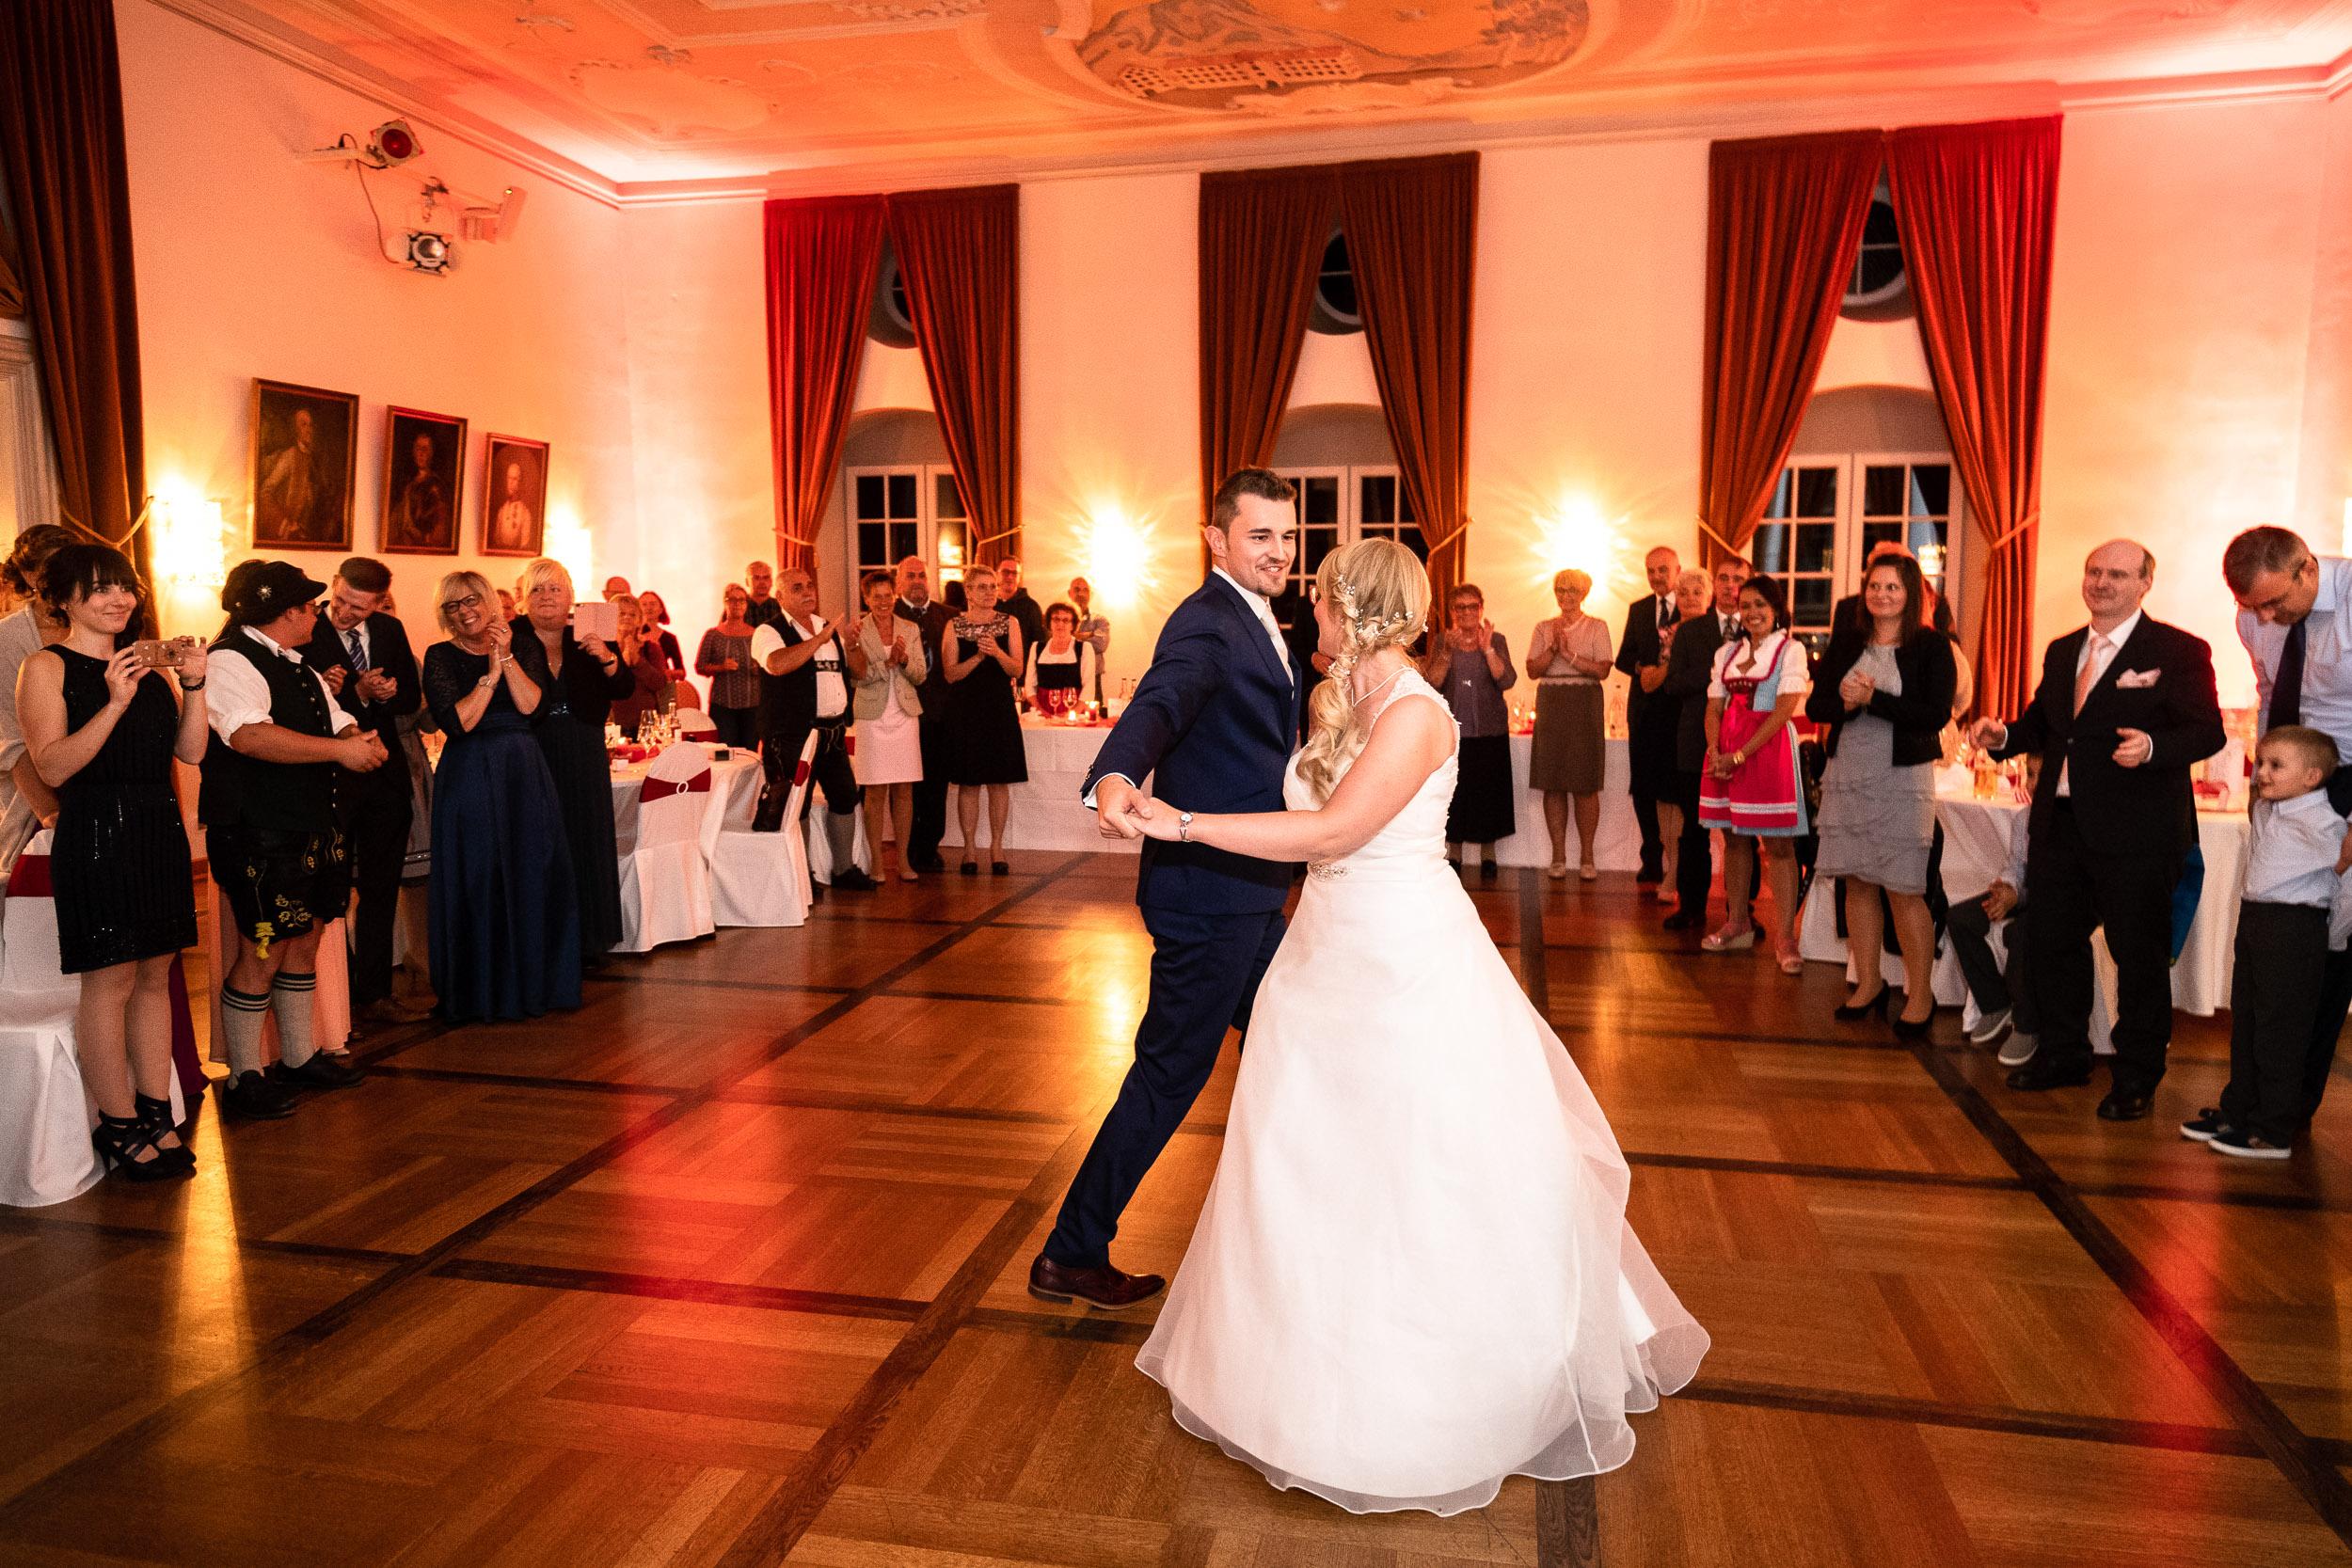 Hochzeitsreportage - Ablauf, Dauer, Preise & Infos vom Fotograf | Hier typisches Beispiel für eine spontane Aufnahme